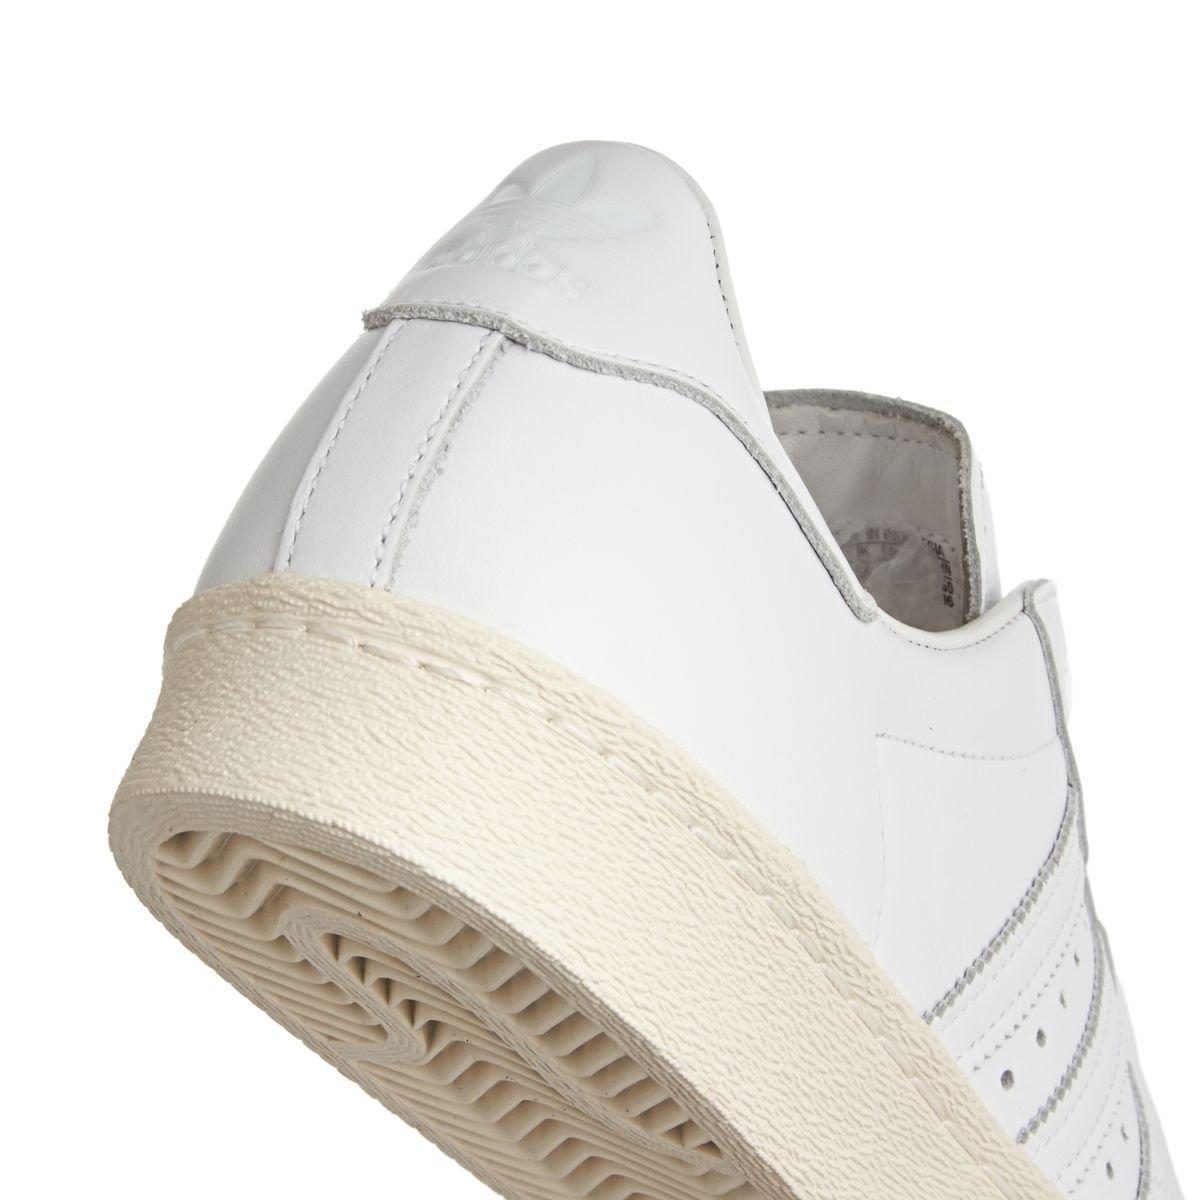 Adidas Turnschuhe damen äußerst ar 80S 3D 3D 3D MT W BB2034 Weiß Schuhgröße 38 96dbbc